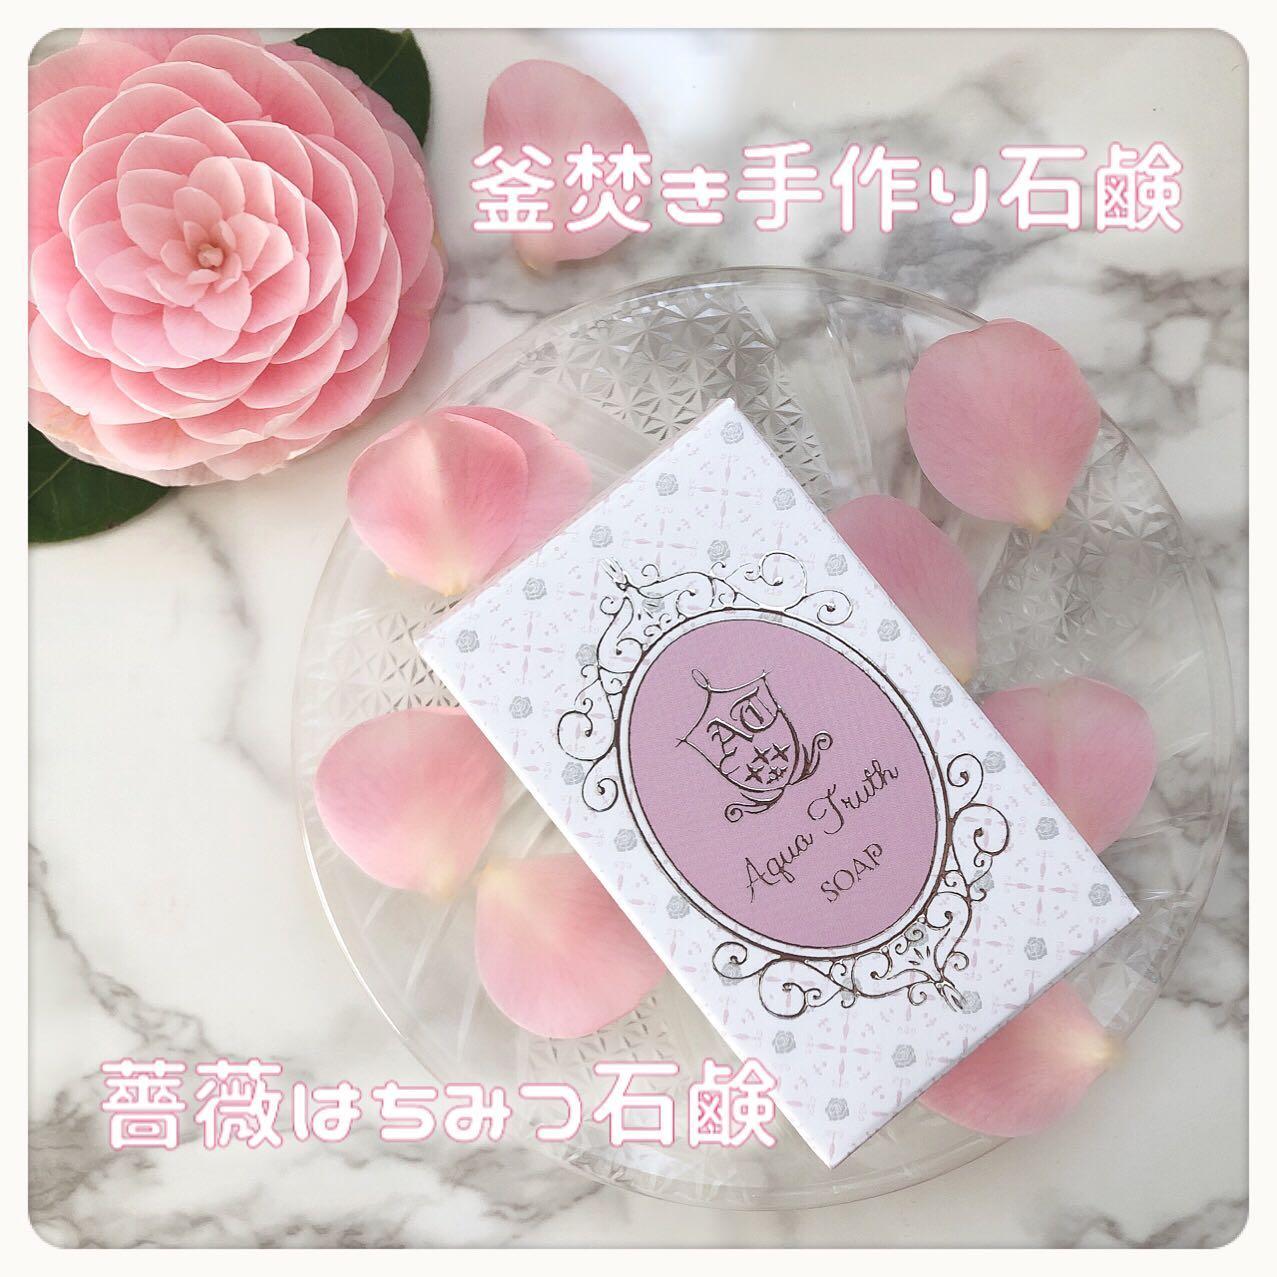 口コミ投稿:❁ 薔薇はちみつ石鹸 ❁︎\ 優しい天然精油の香り♡手作り釜焚き石鹸 /お肌の潤い…